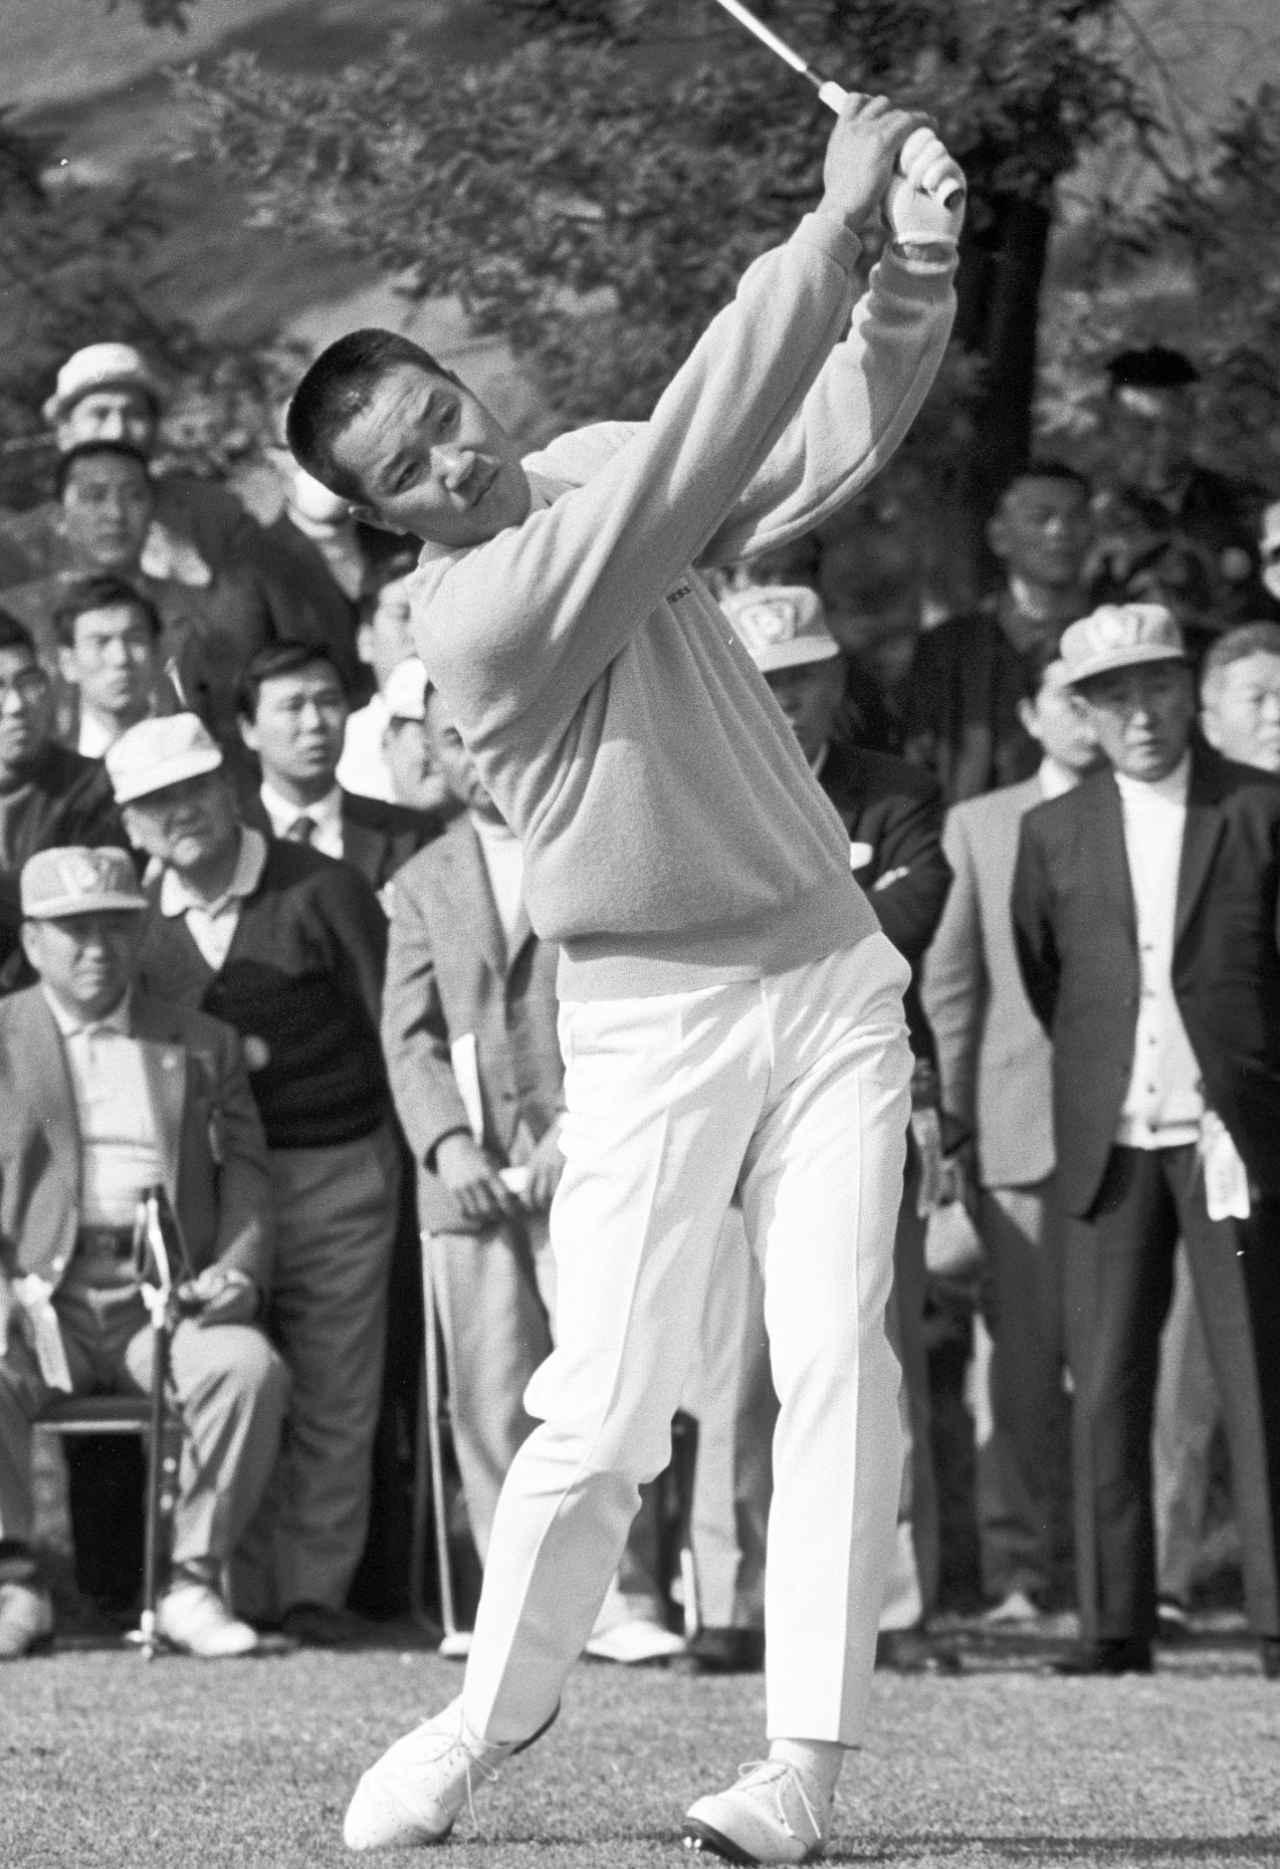 画像: 71年 日本オープン 当時はフックが持ち球だったが、大きく曲がることが多かった。ただ、リカバリーの上手さとパッティングの地術で優勝を重ねていた